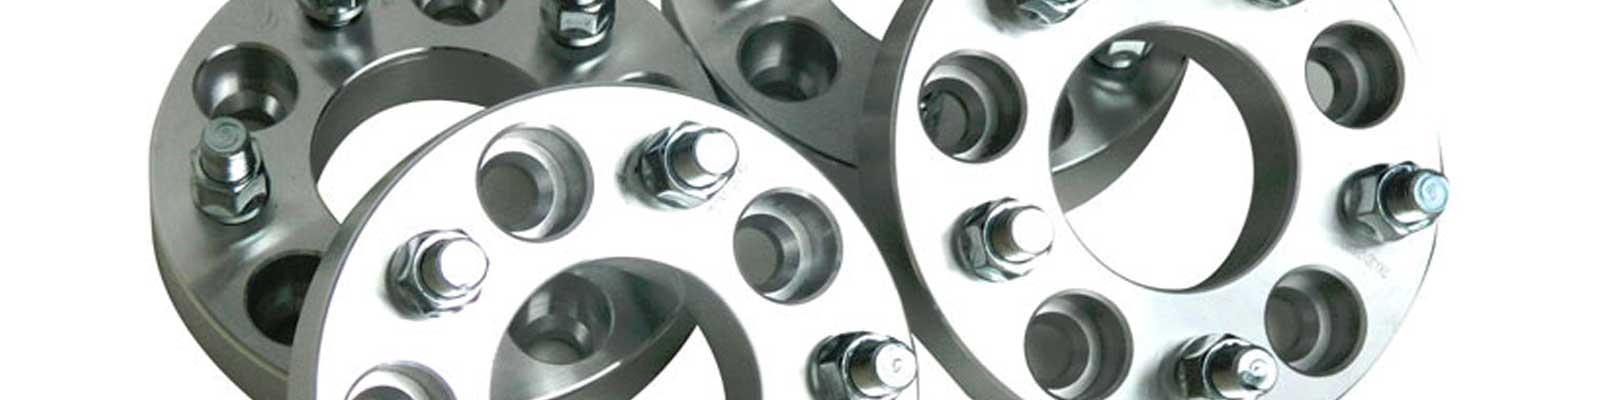 Wheel Hub Spacers